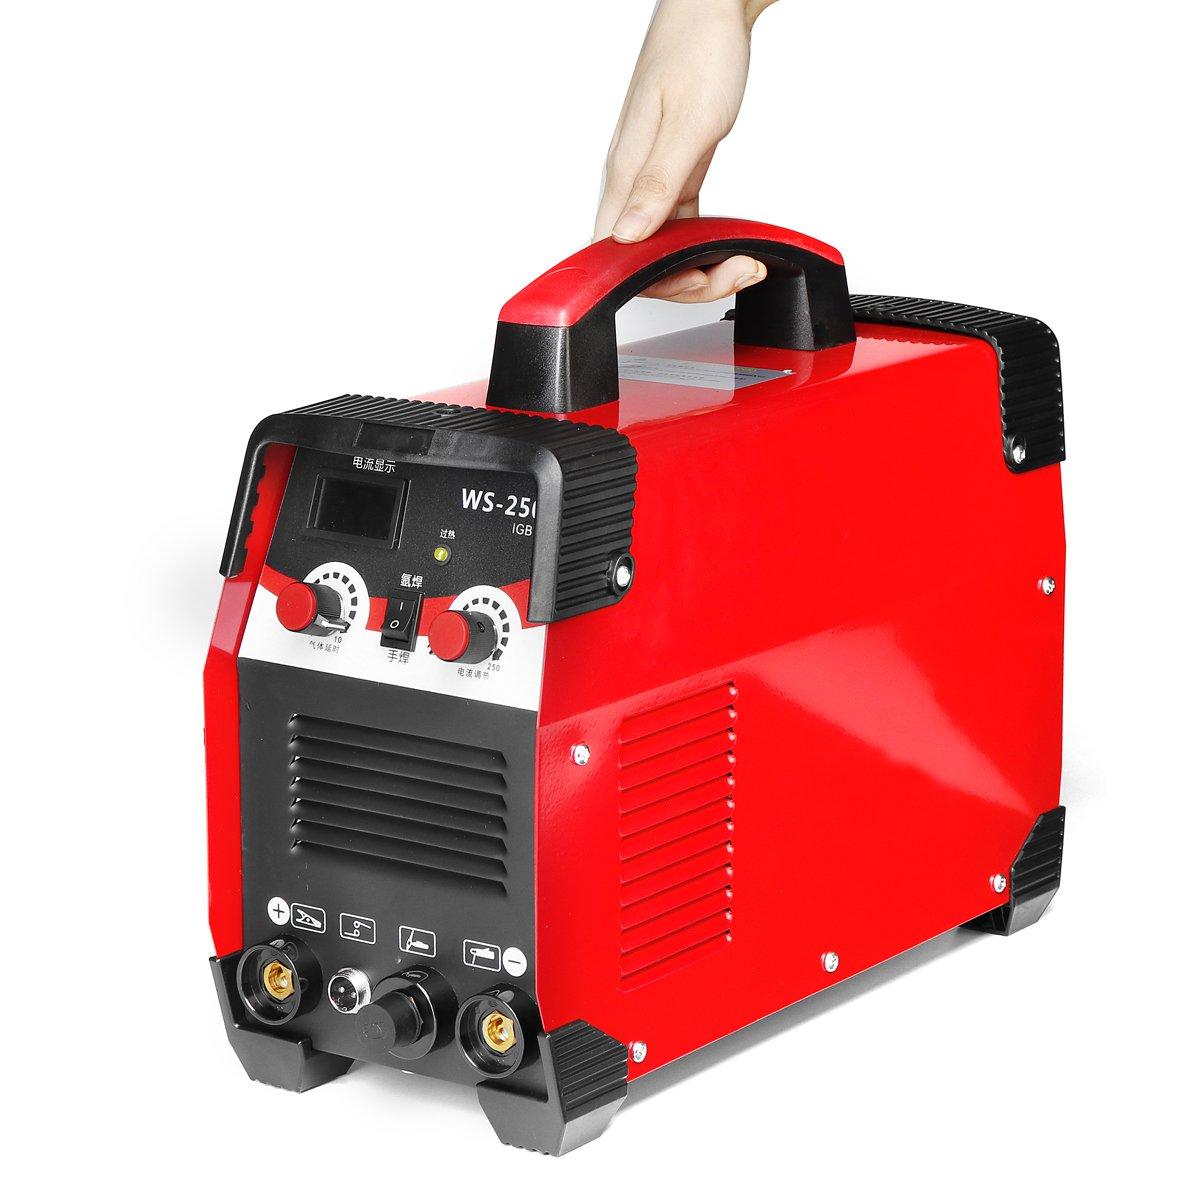 220V Wig-schweißen Maschine 20-250A MMA IGBT STICK Inverter tig schweißer Für Schweiß Arbeiten